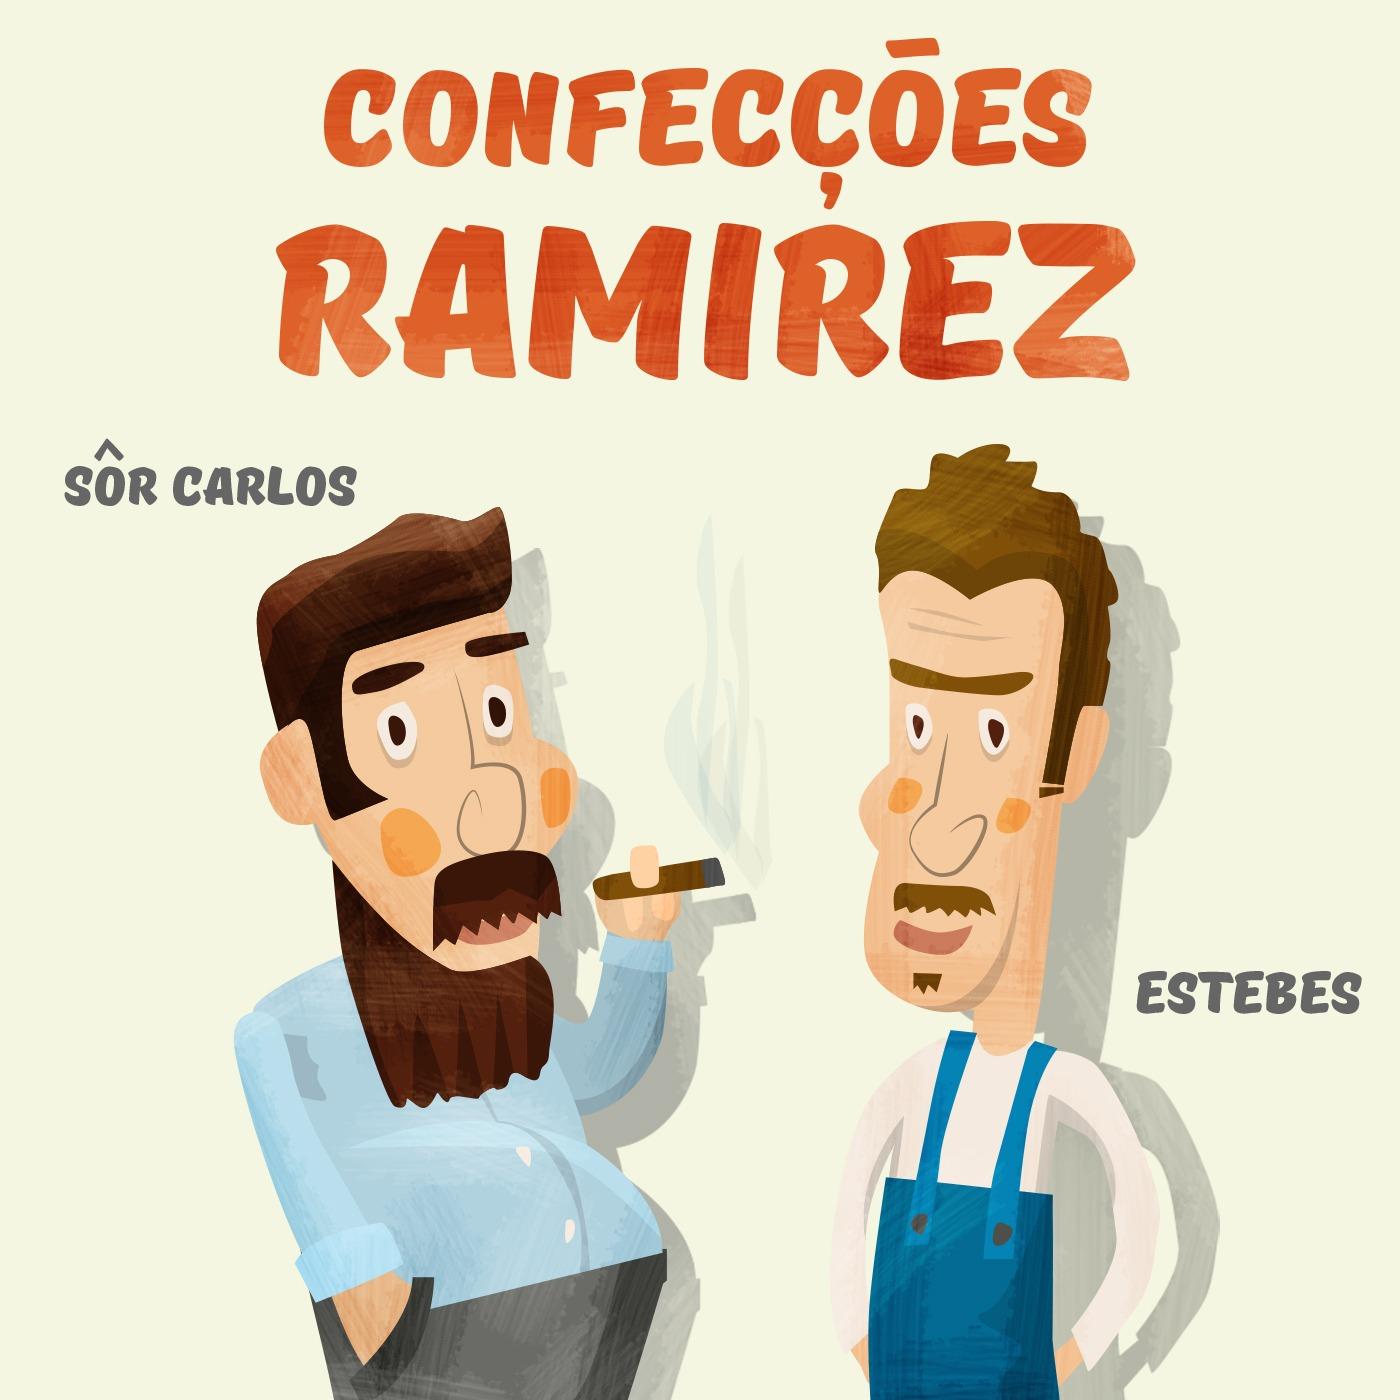 Confecções Ramirez